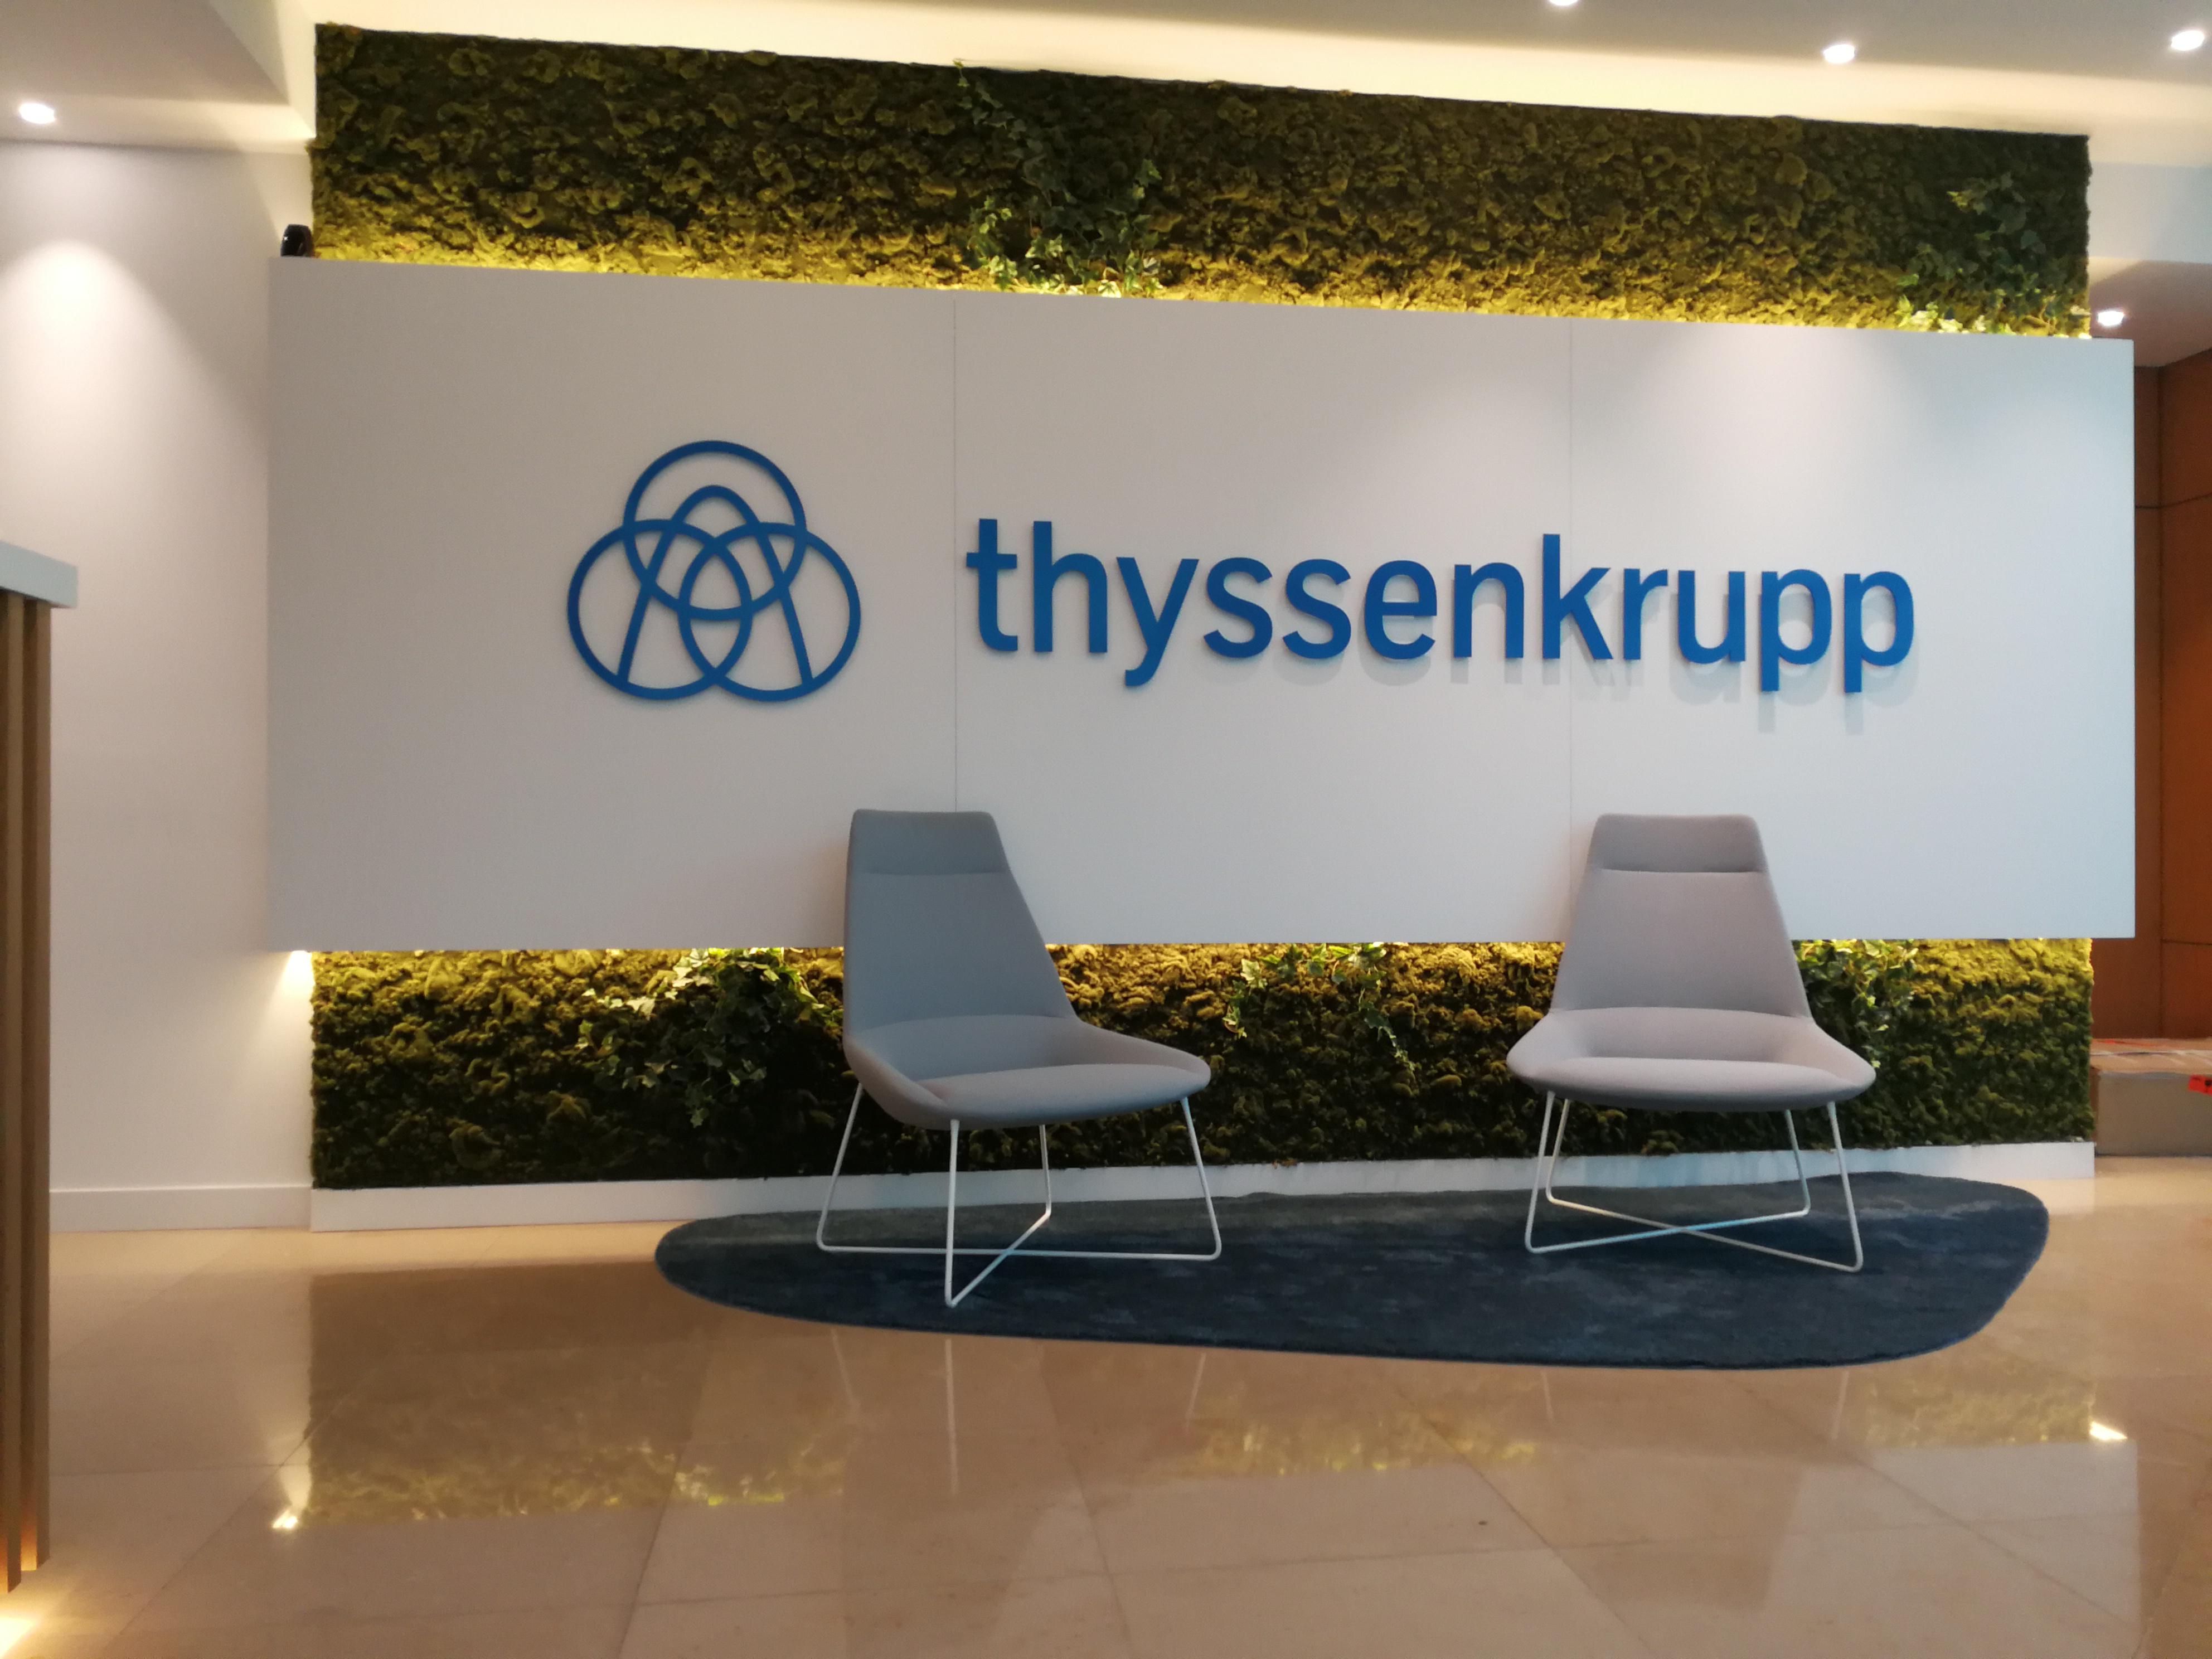 Thyssenkrupp - Interior Plate Letters 3